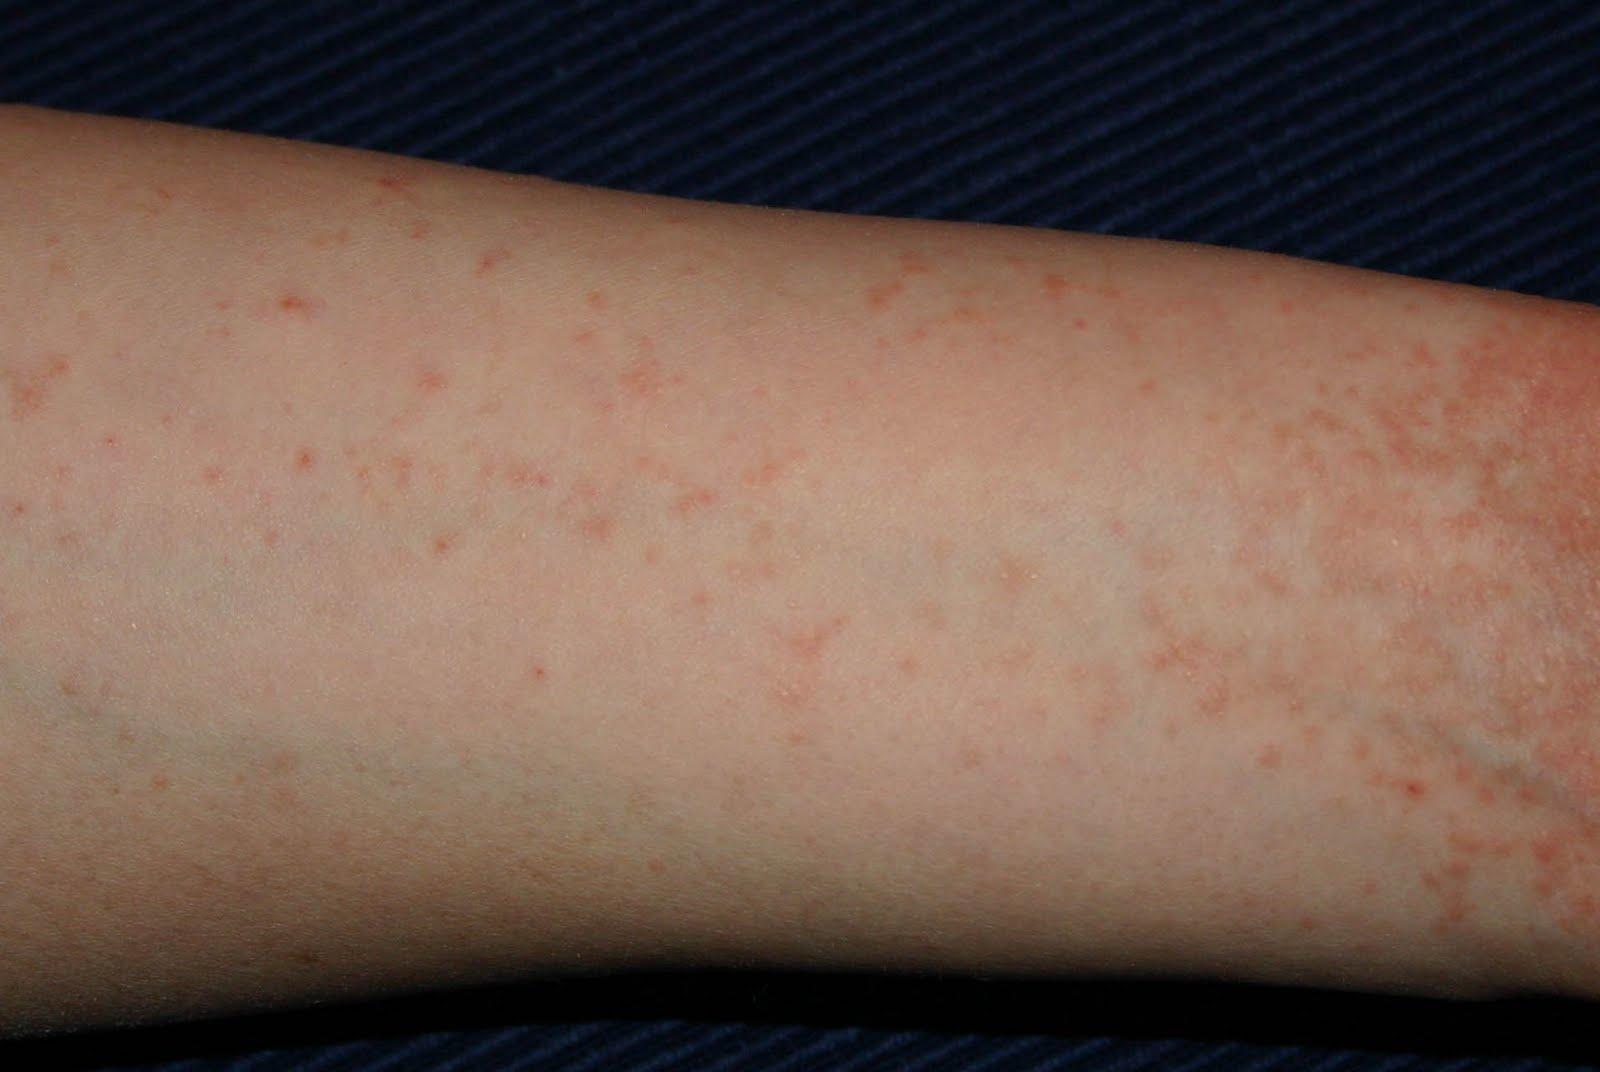 vörös foltok a lábakon, miután a viszketés fáj és megduzzad)